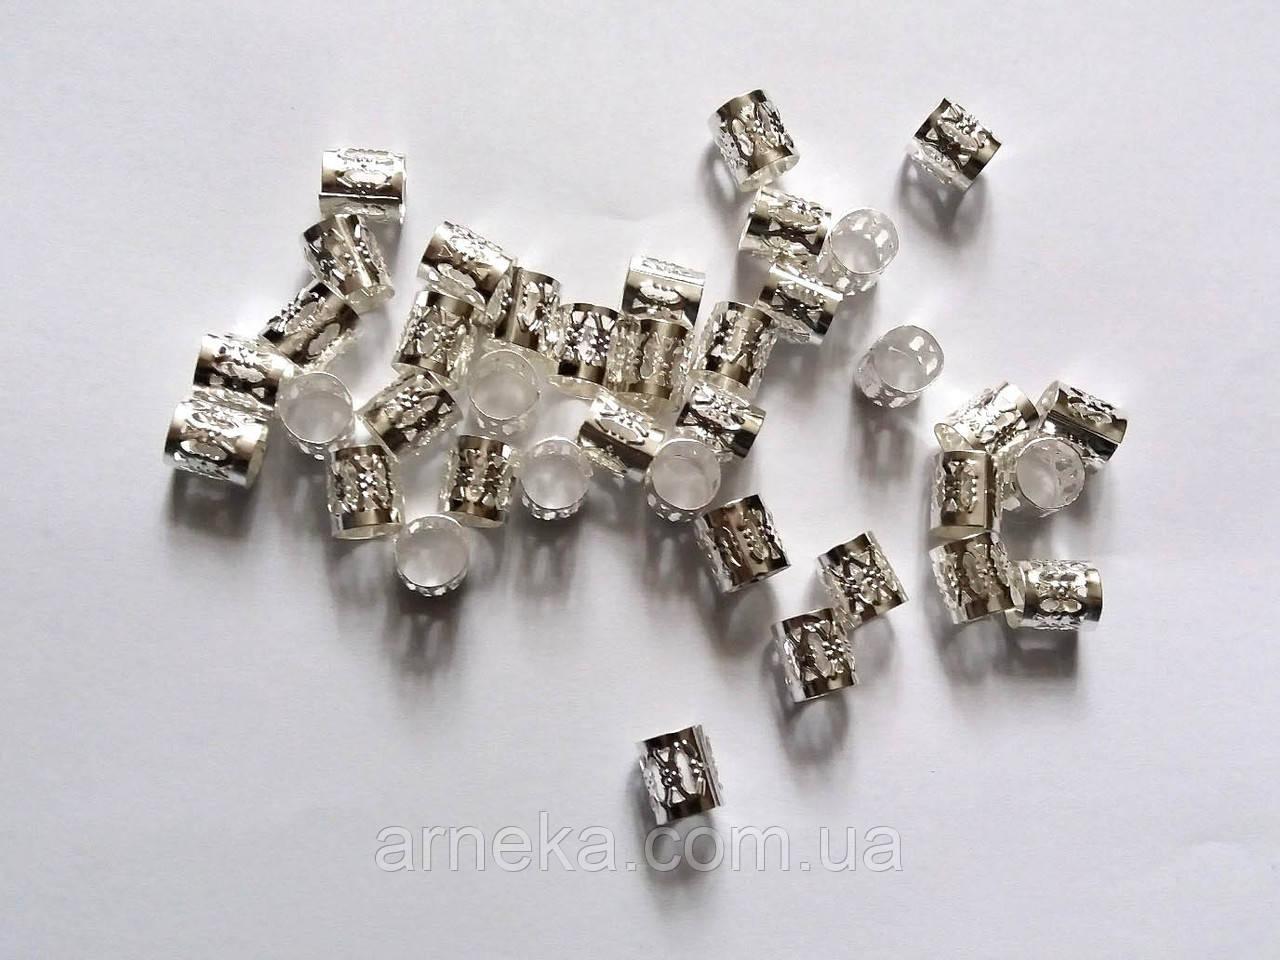 Разделитель под серебро  1*0,8 см